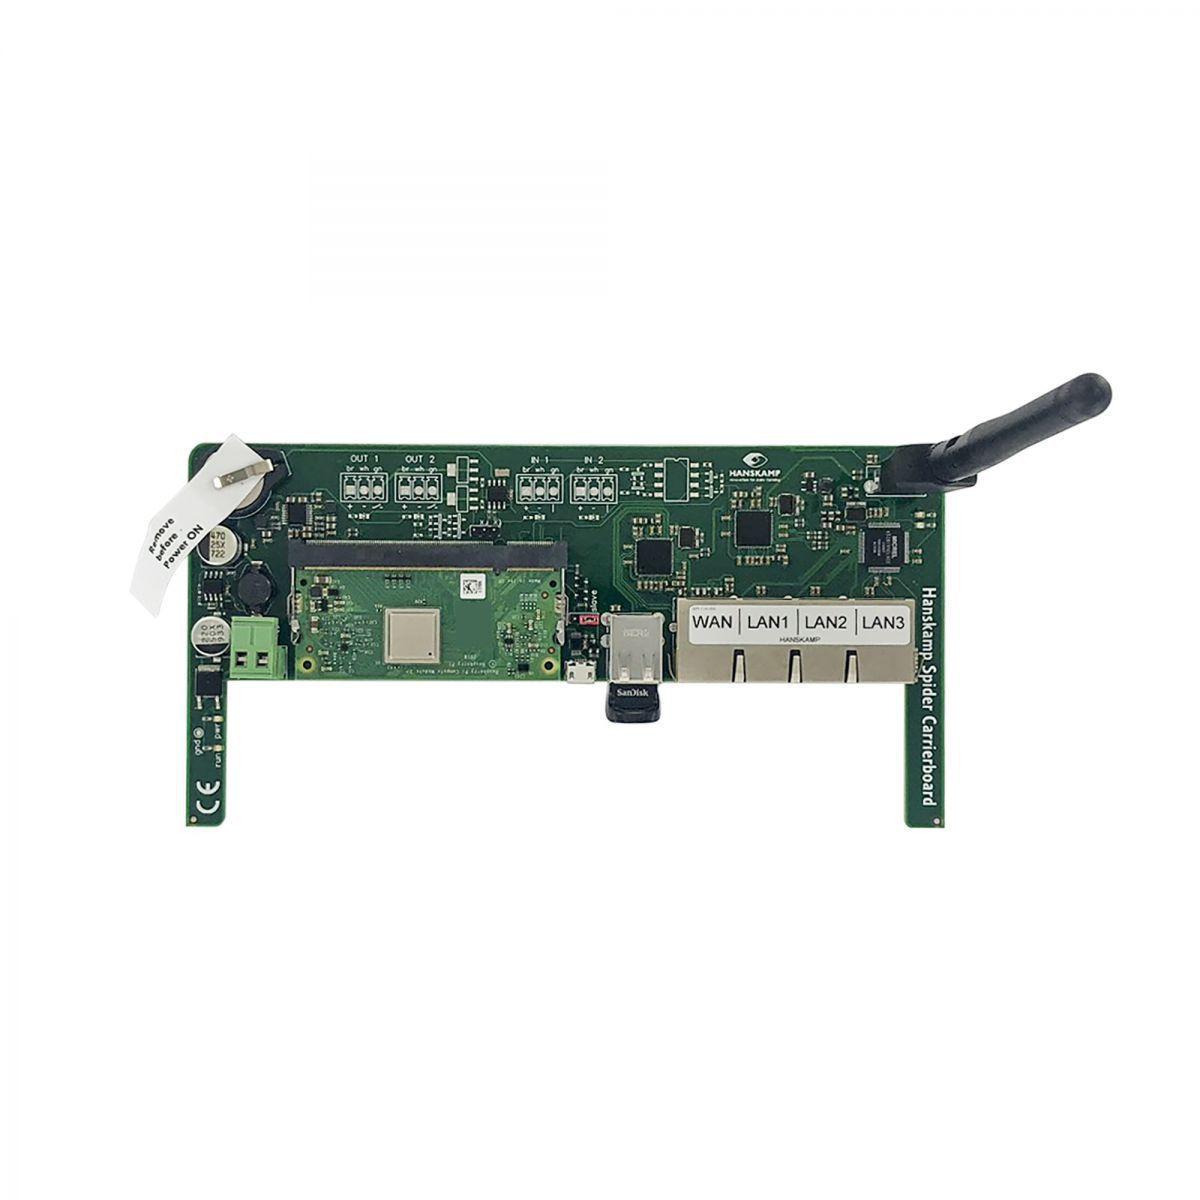 spider carrier board avec switch compute module wifi dongle et connecteur